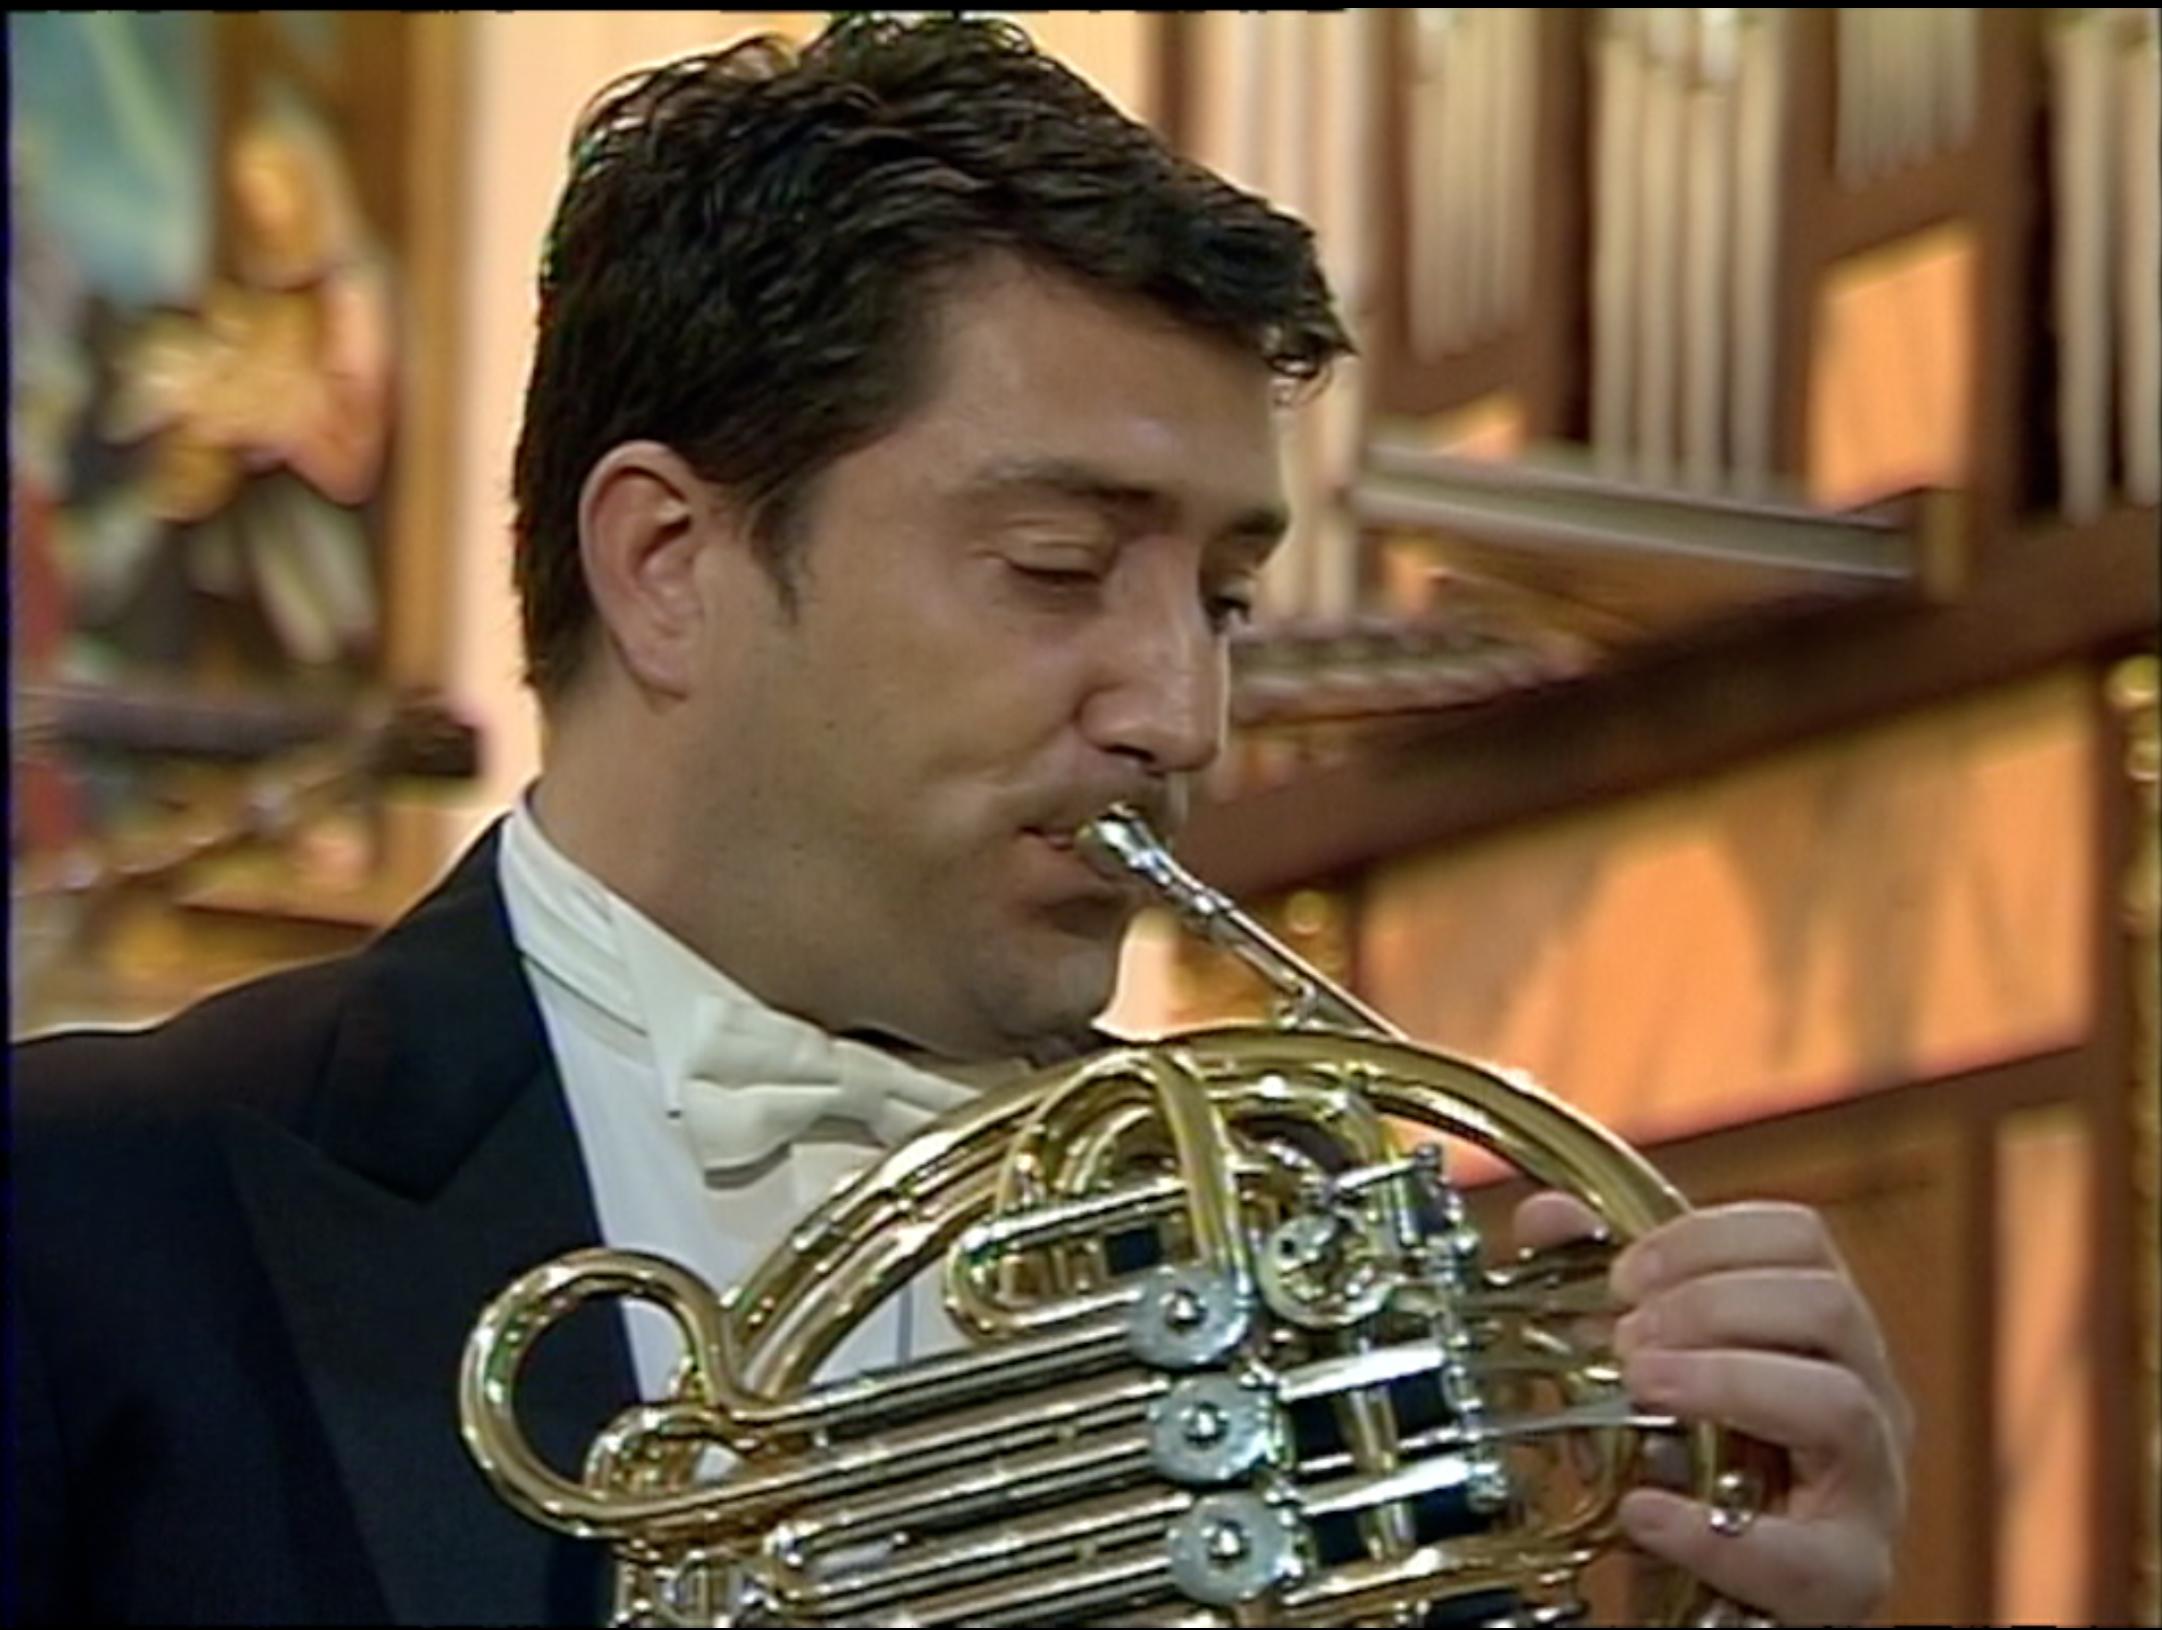 Concierto música religiosa